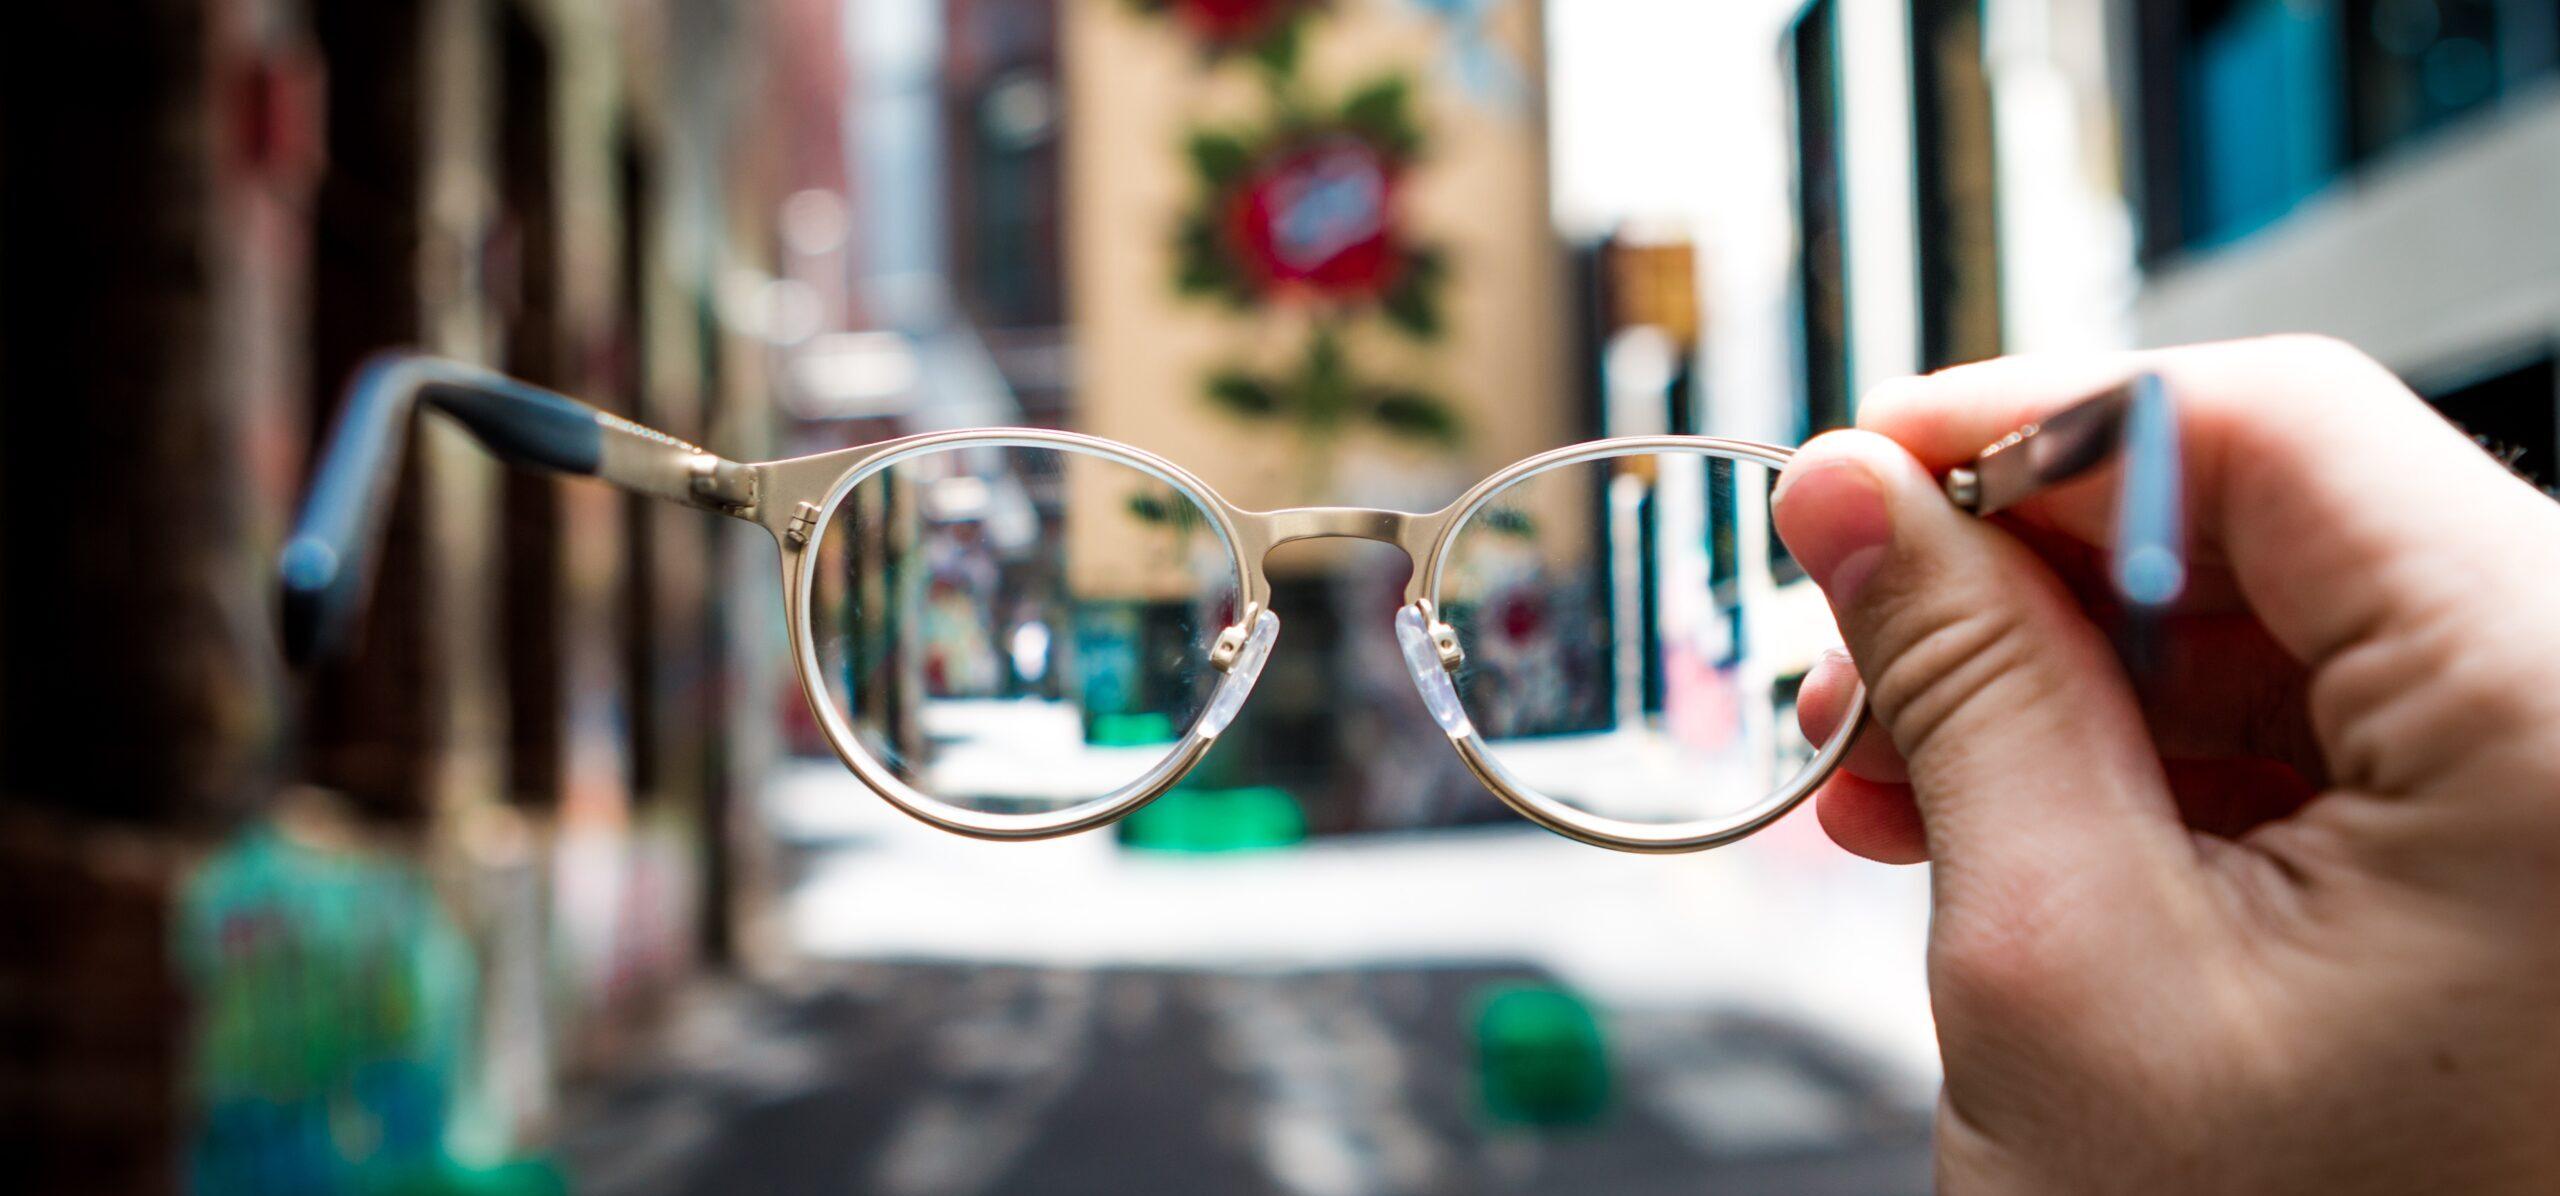 Co to jest unconscious bias? Tendencyjność w postrzeganiu